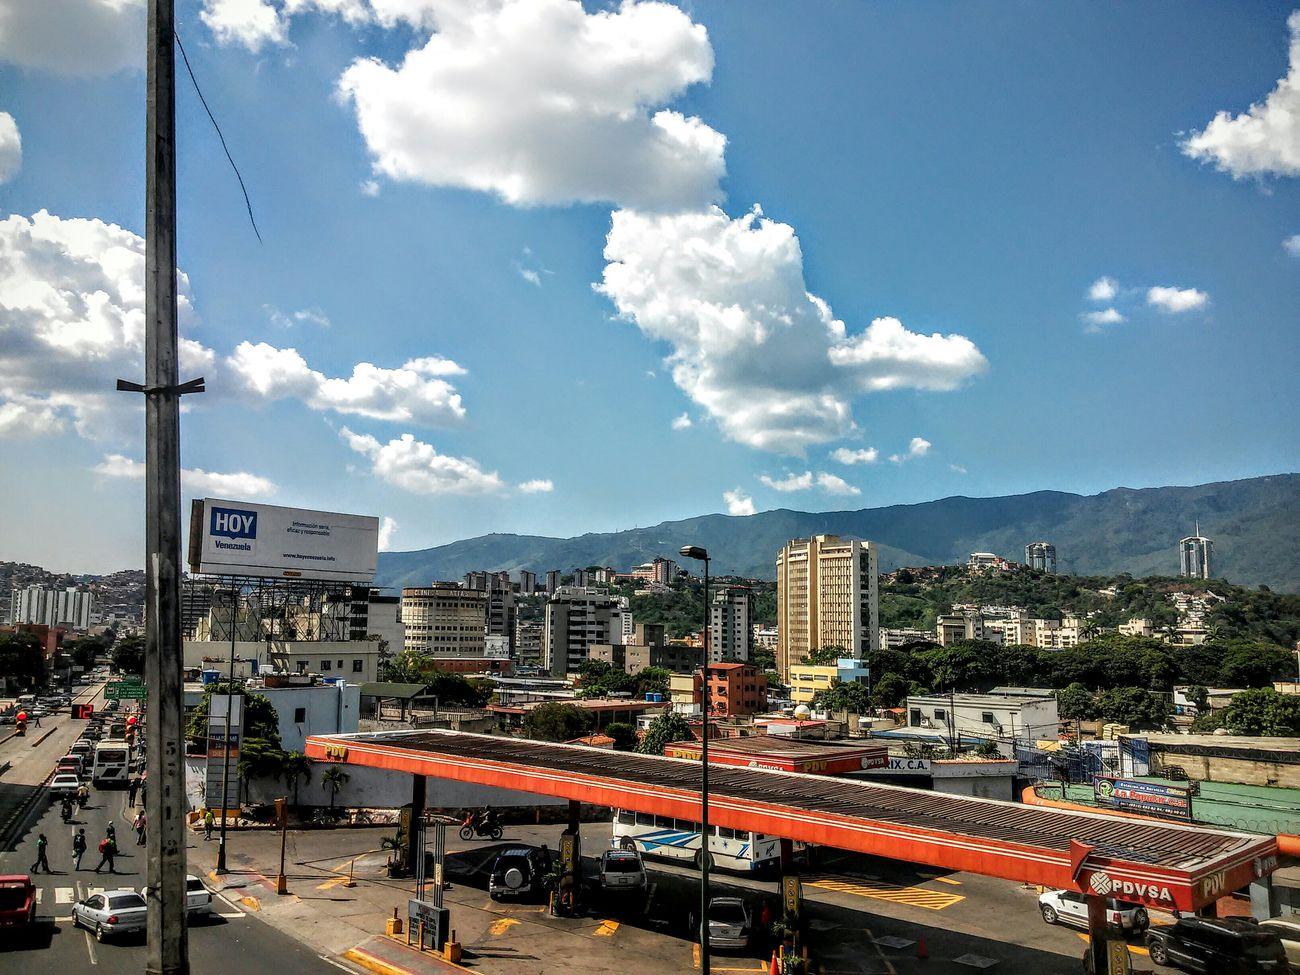 Llegada del sabado 26/09/15 Catching A Bus Running Late LGoptmus Insta_ve LgG2Vzla Instaplaceapp Venezuela